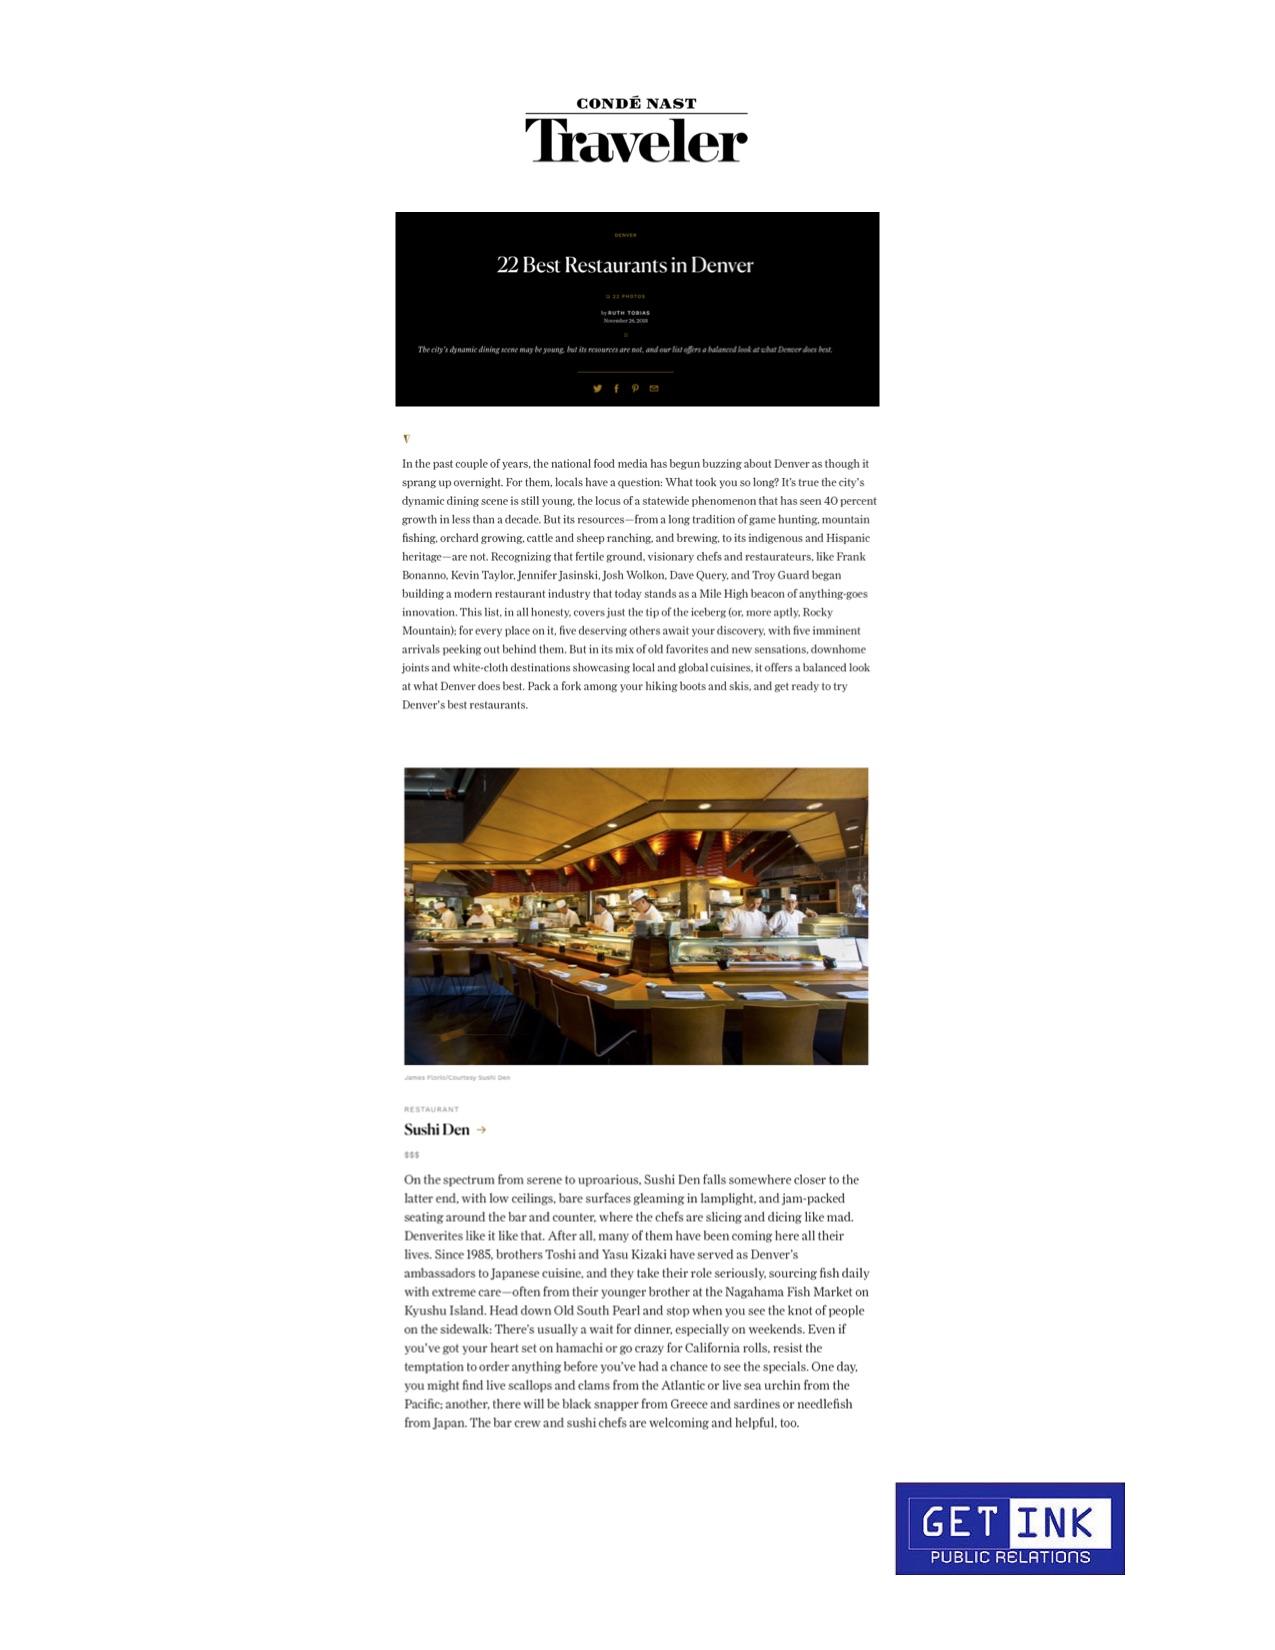 Sushi Den Denver in Conde Nast Traveler Best Restaurant Denver - Get Ink Pr